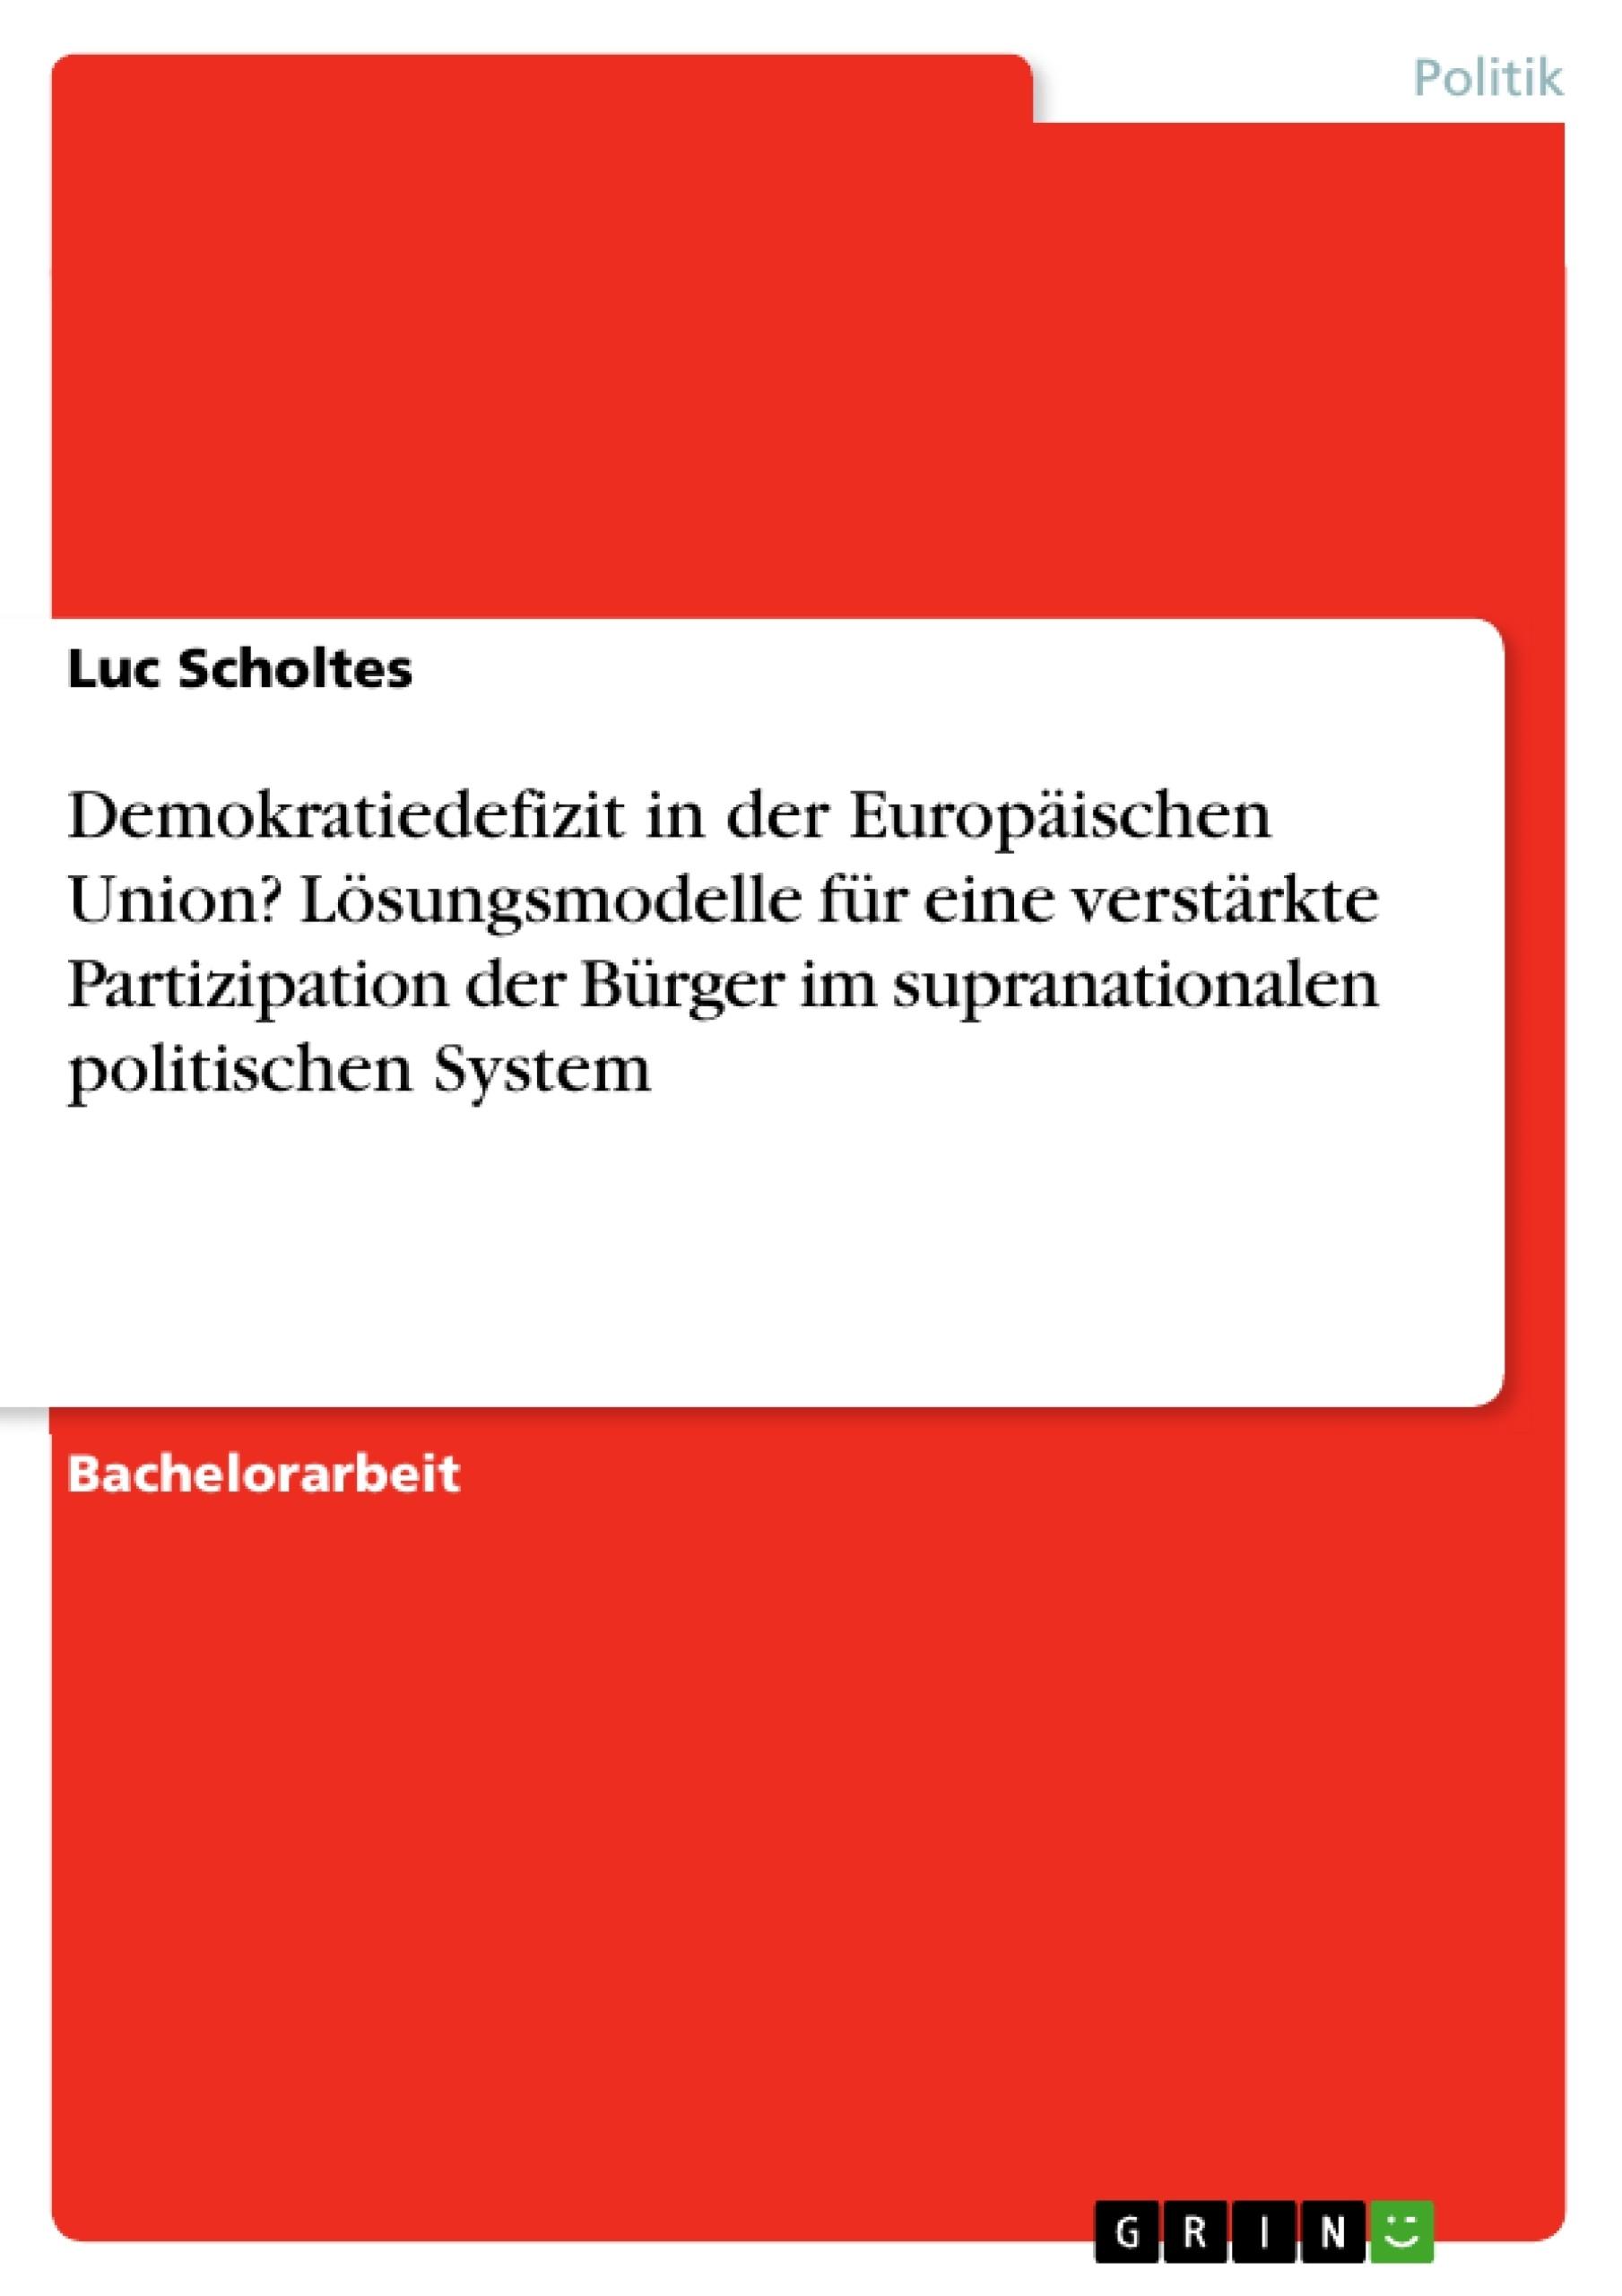 Titel: Demokratiedefizit in der Europäischen Union? Lösungsmodelle für eine verstärkte Partizipation der Bürger im supranationalen politischen System